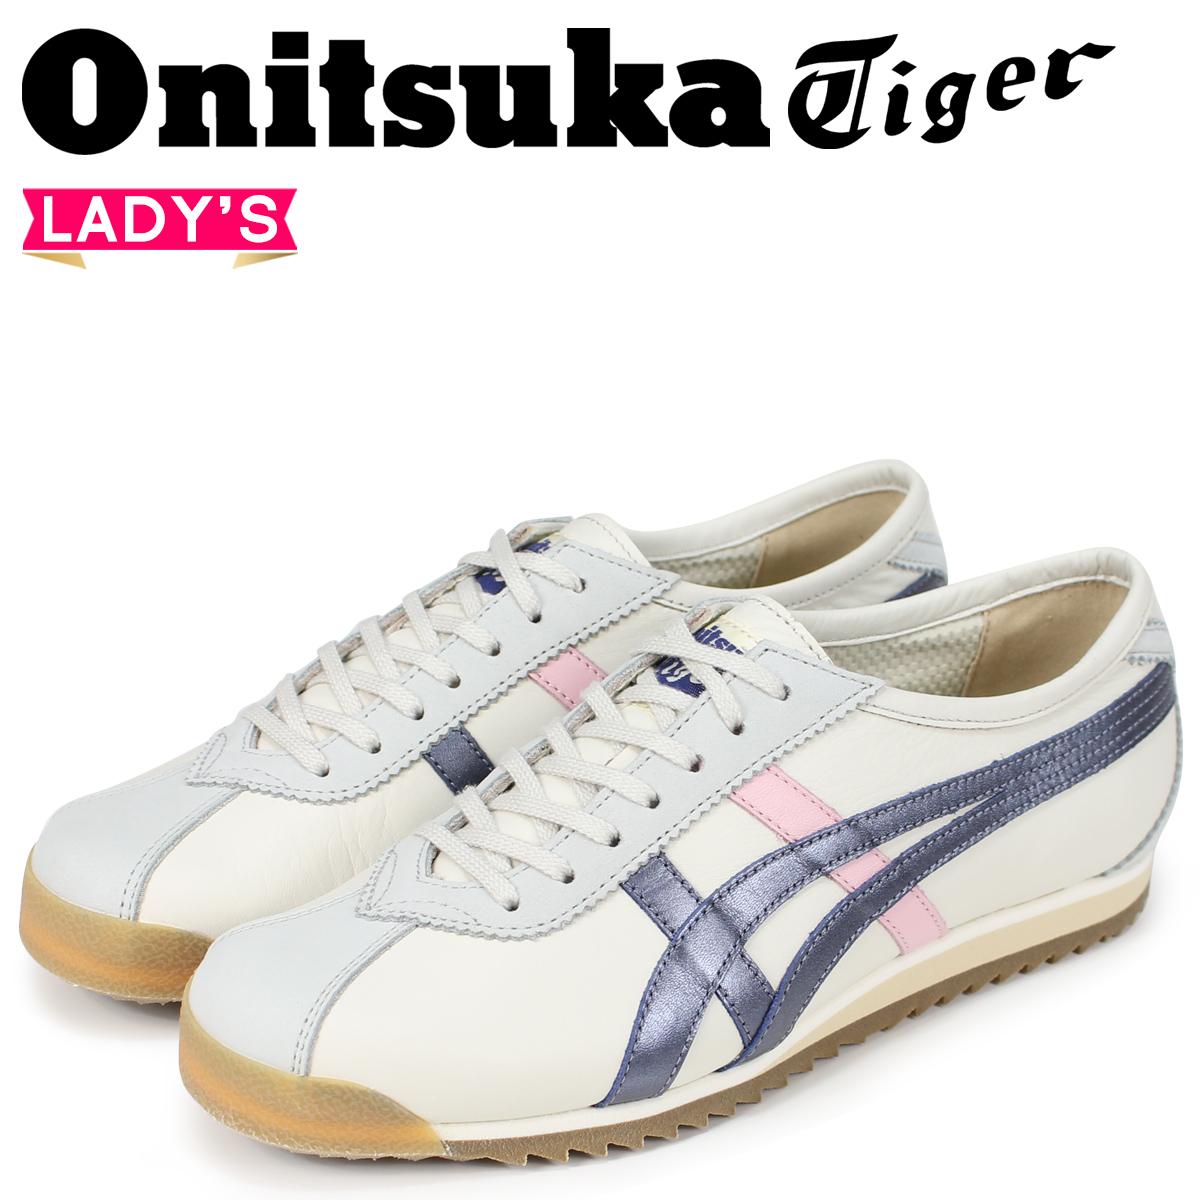 Onitsuka Tiger リンバー 66 オニツカタイガー LIMBER 66 PRESTIGE レディース スニーカー OT6000-0250 アイボリー